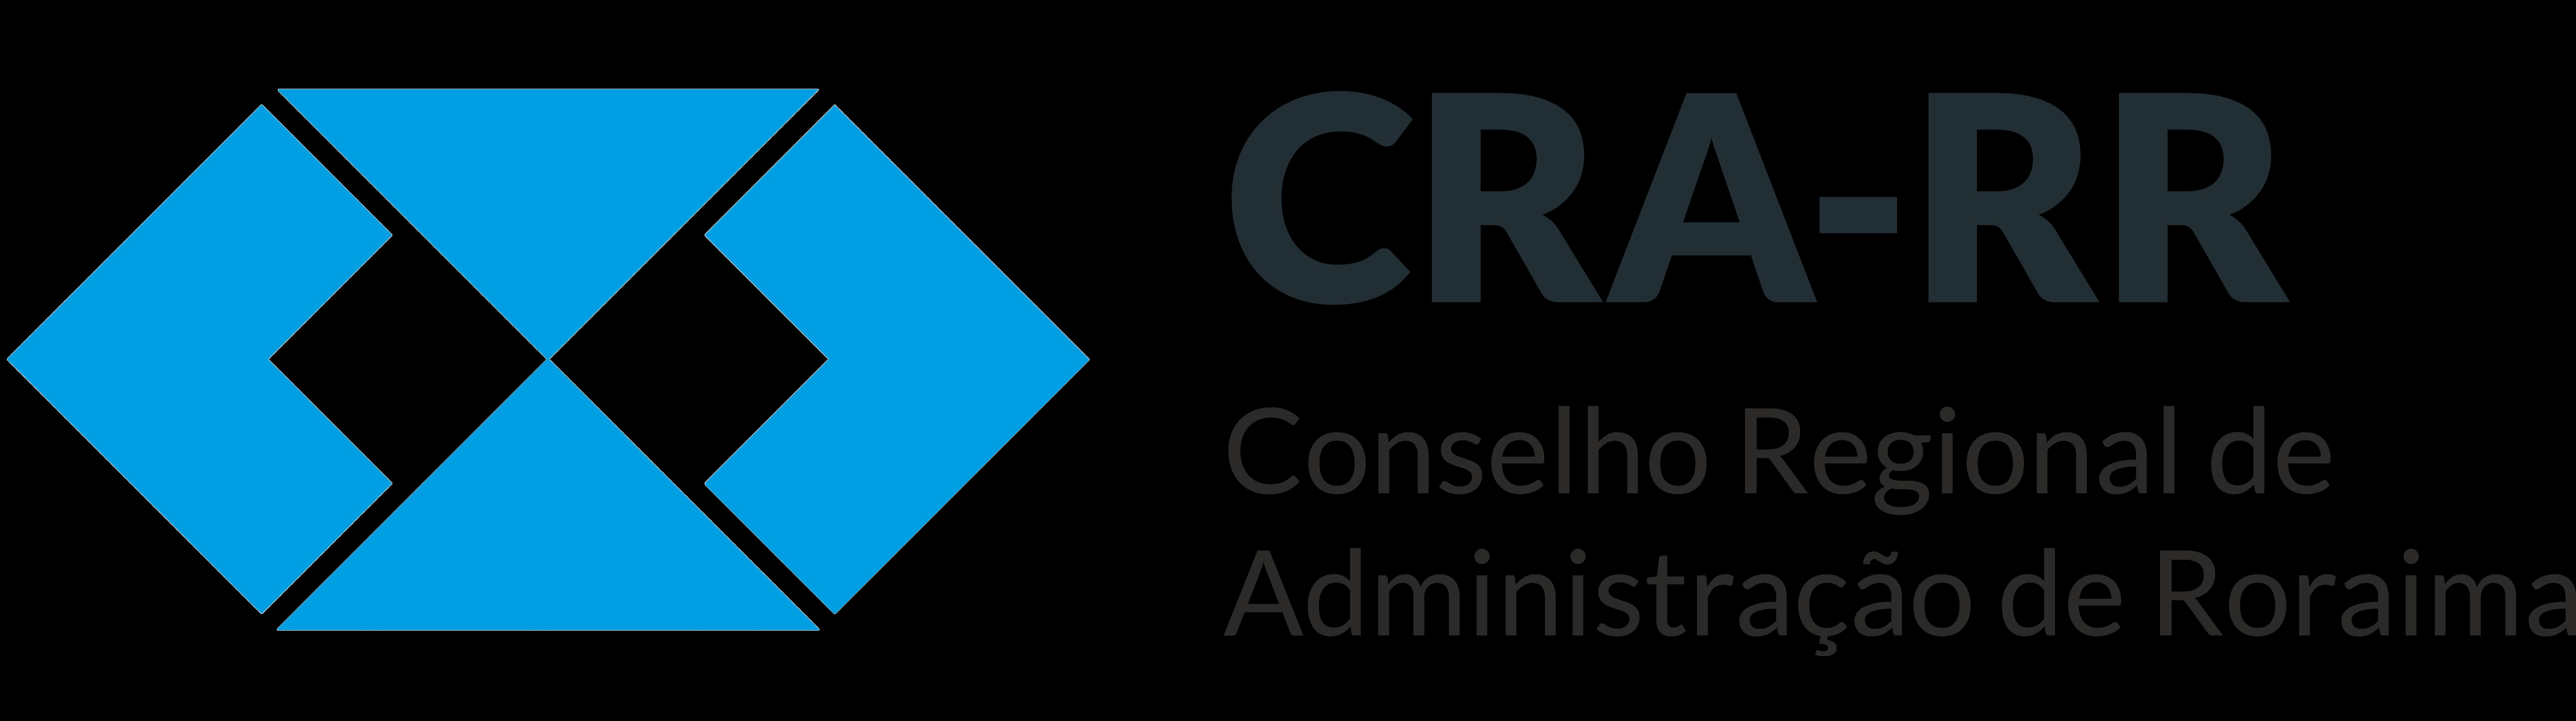 Conselho Regional de Administração de Roraima